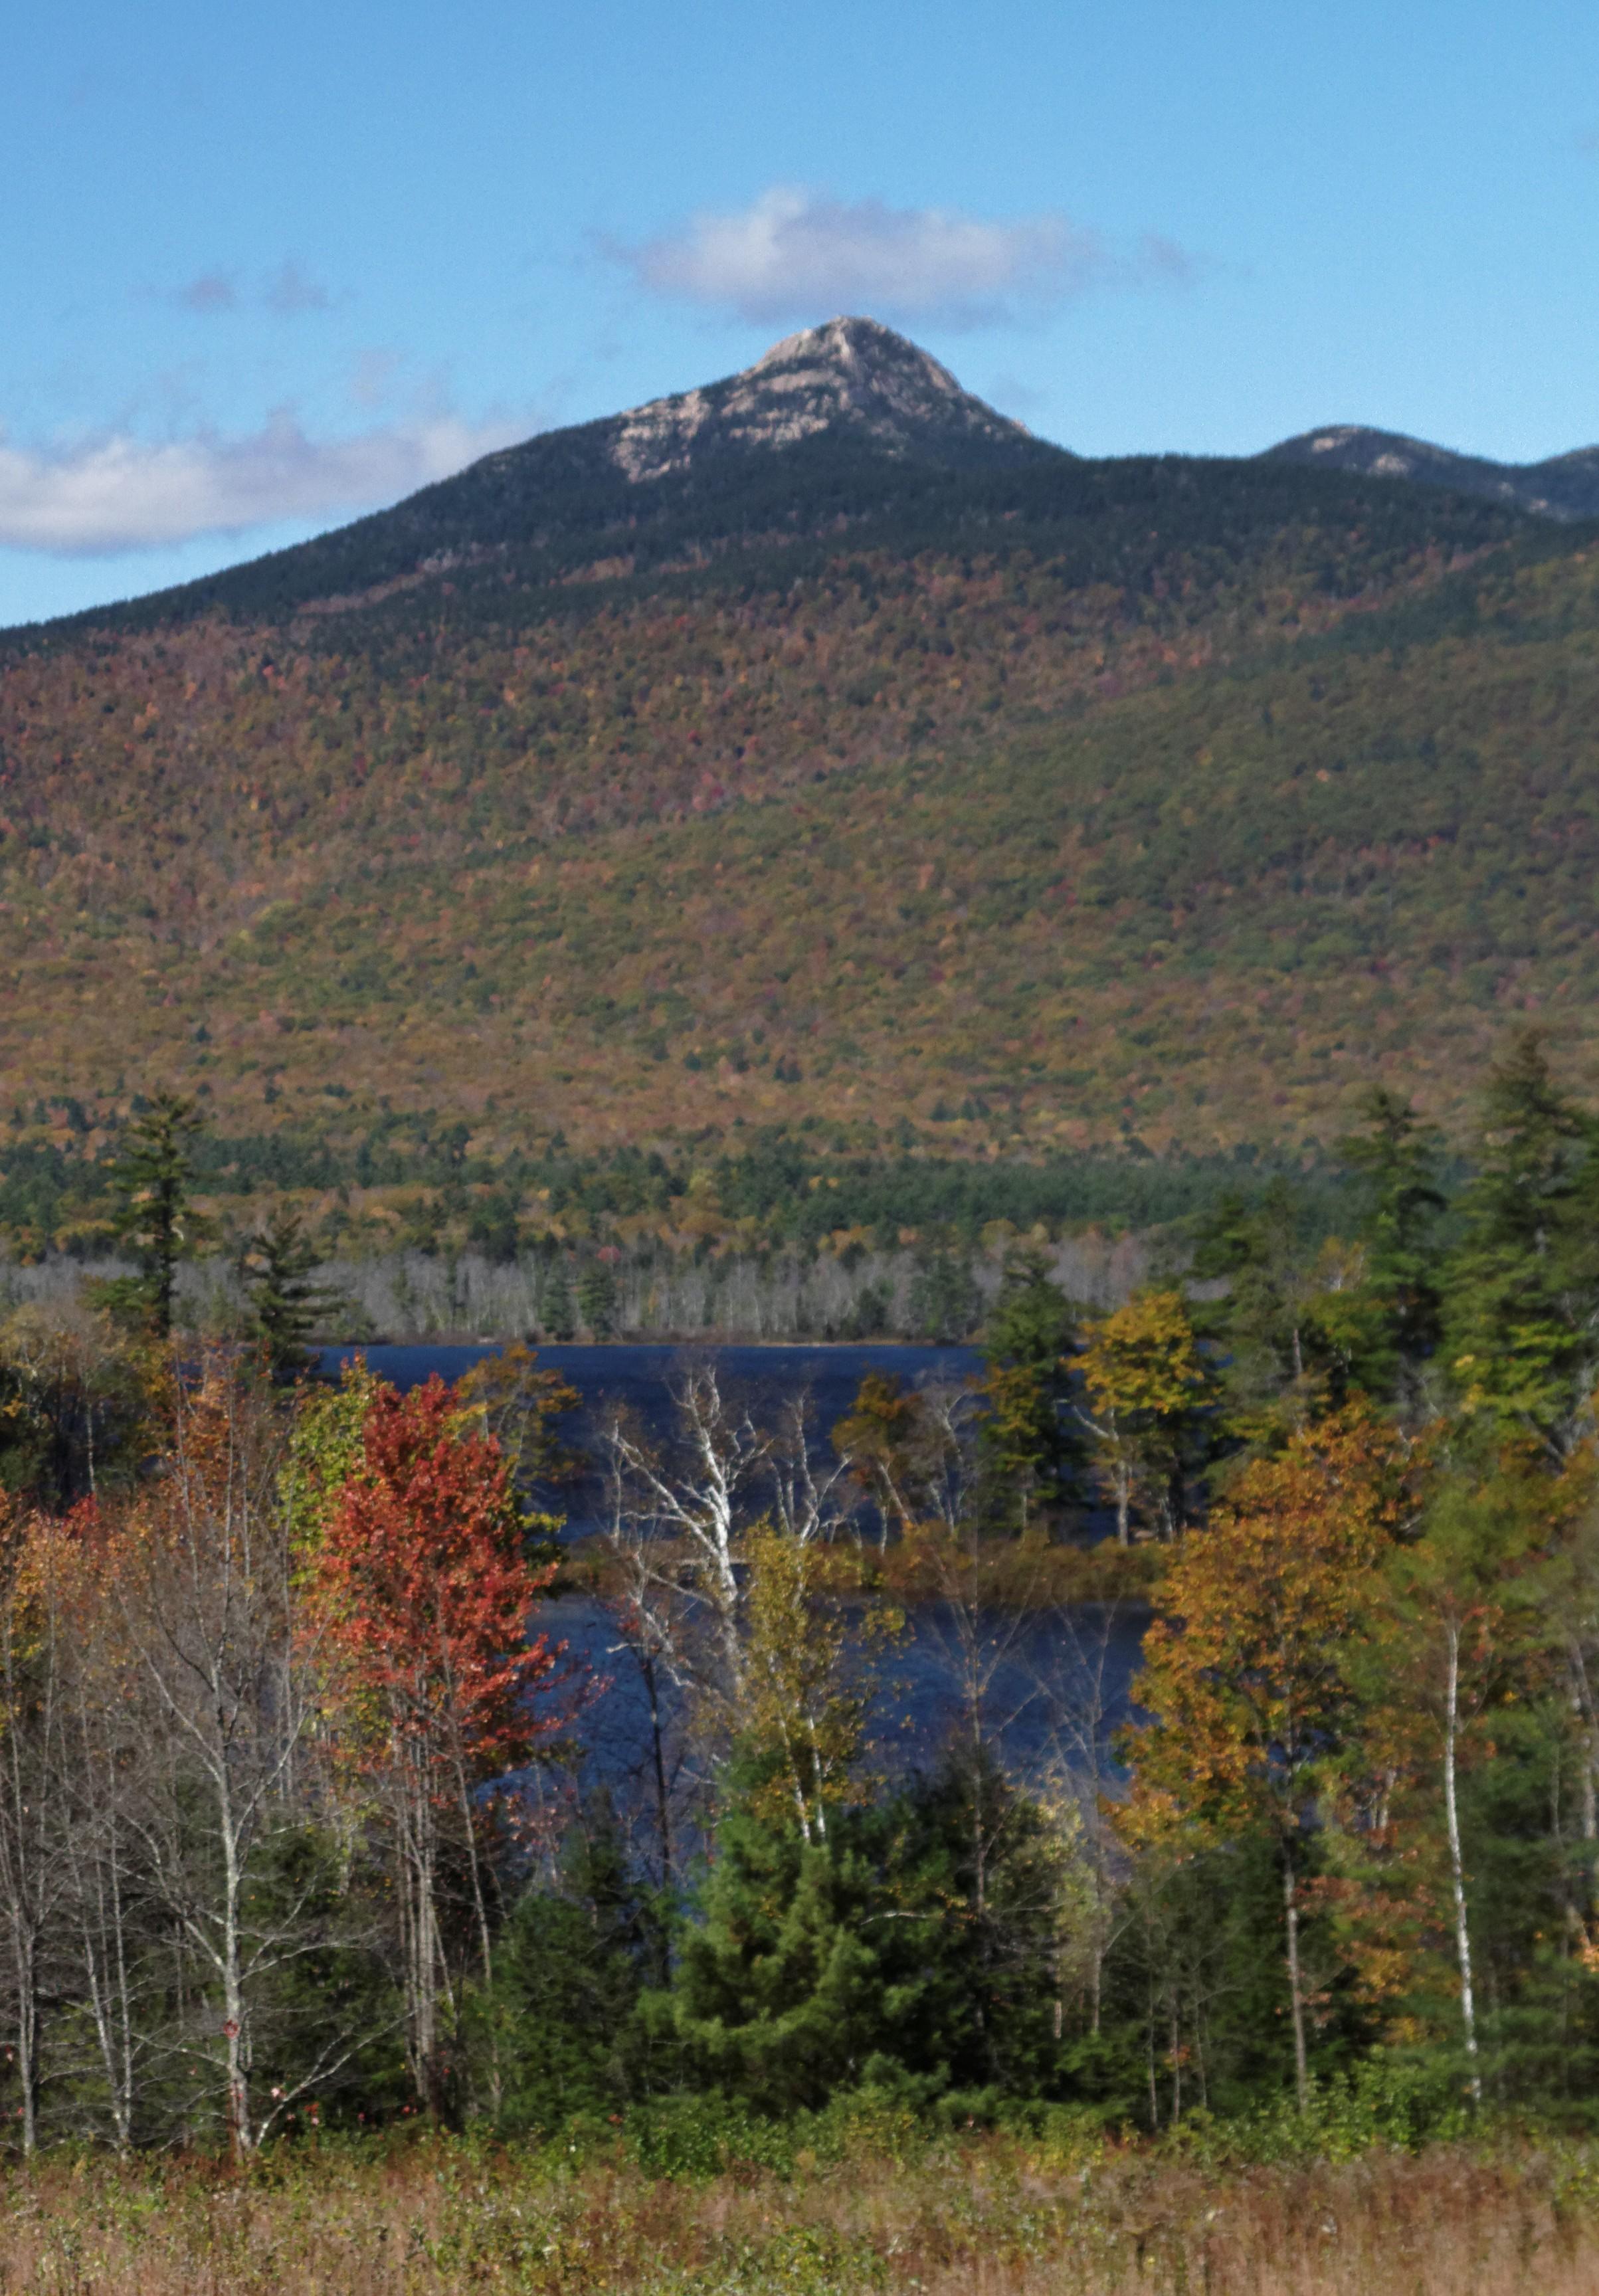 Mount Chocorua - Wikipedia